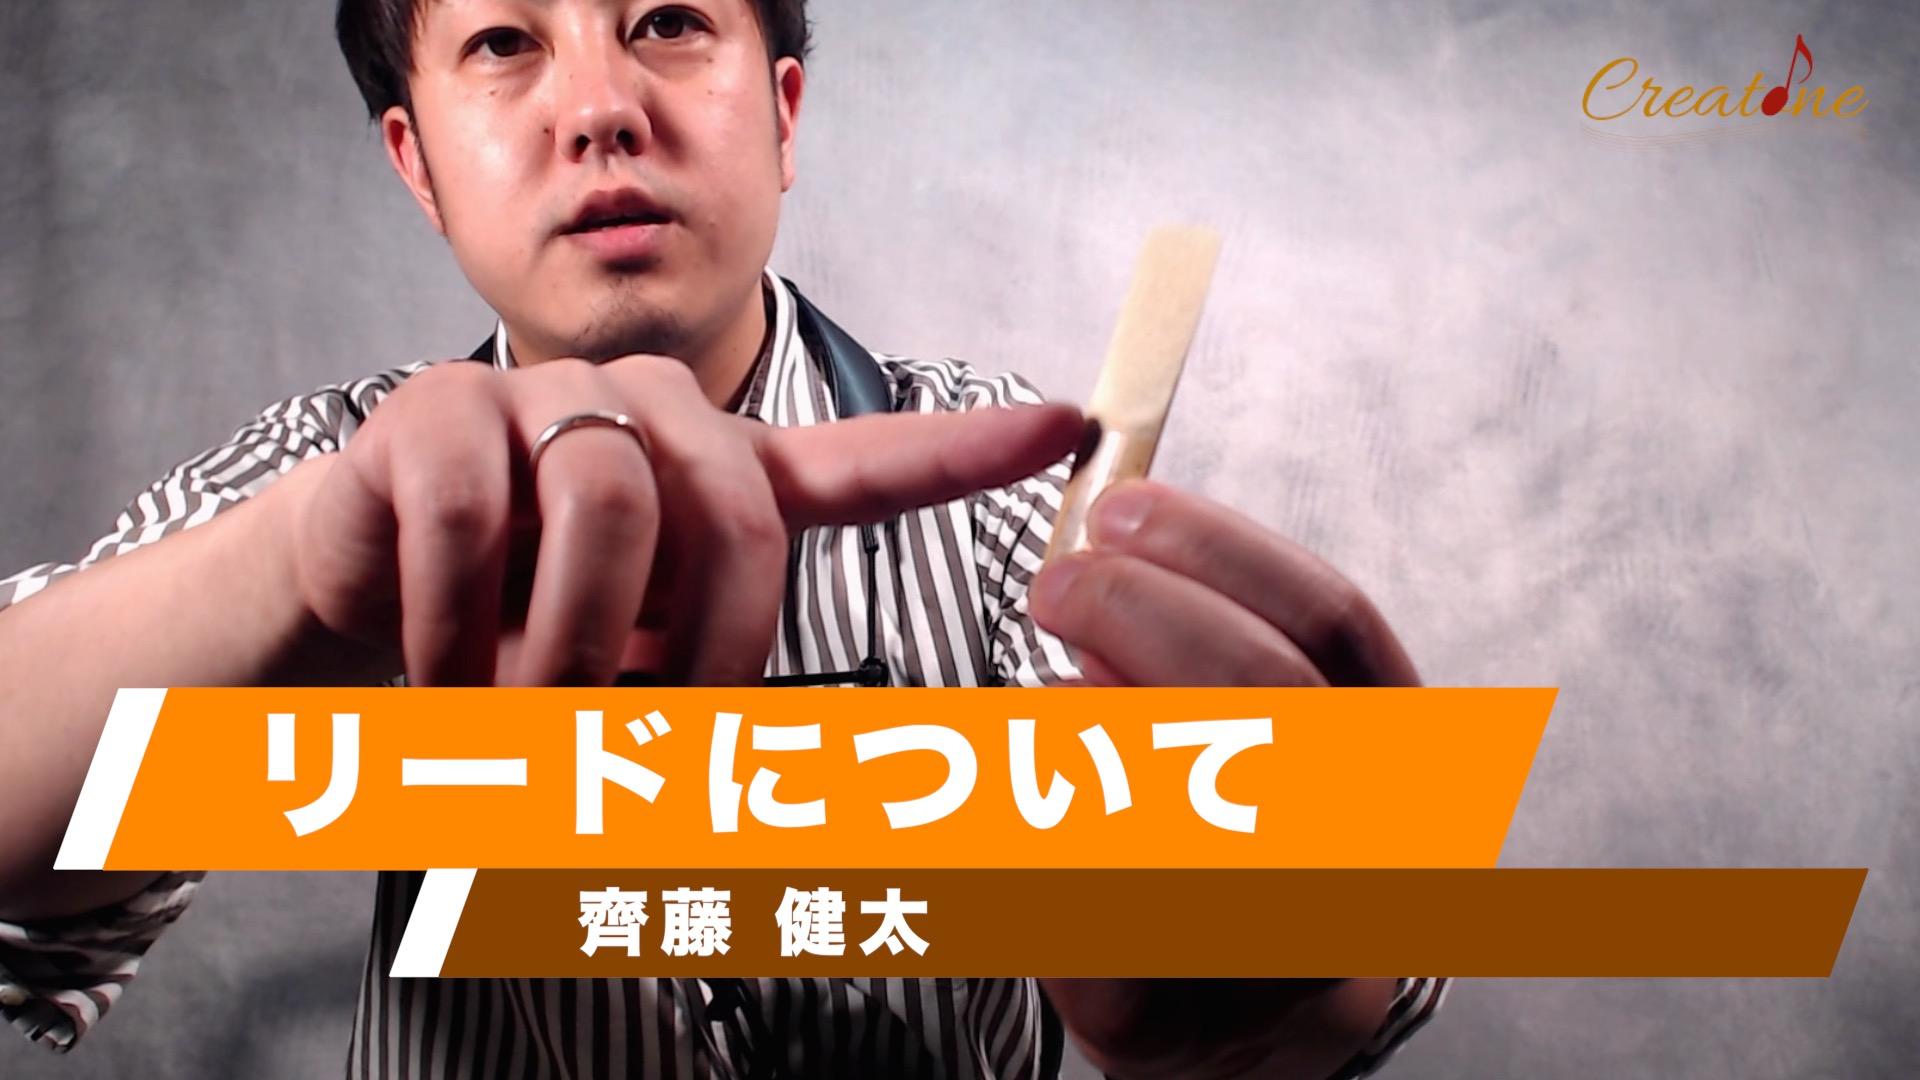 齊藤健太17 リード サムネ